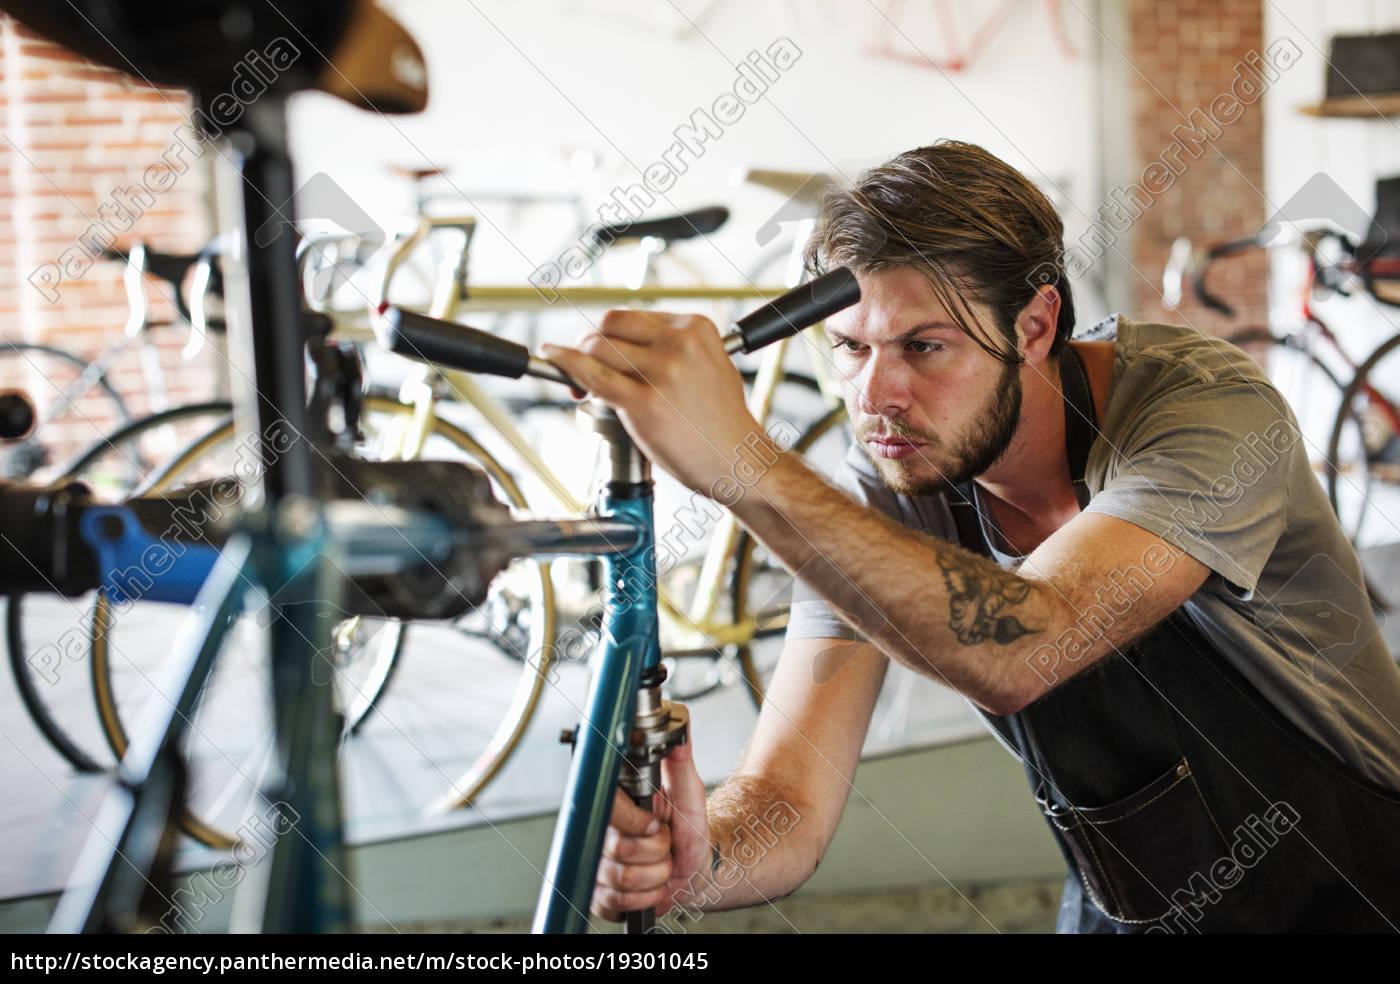 ein, mann, der, in, einer, fahrradwerkstatt, arbeitet - 19301045